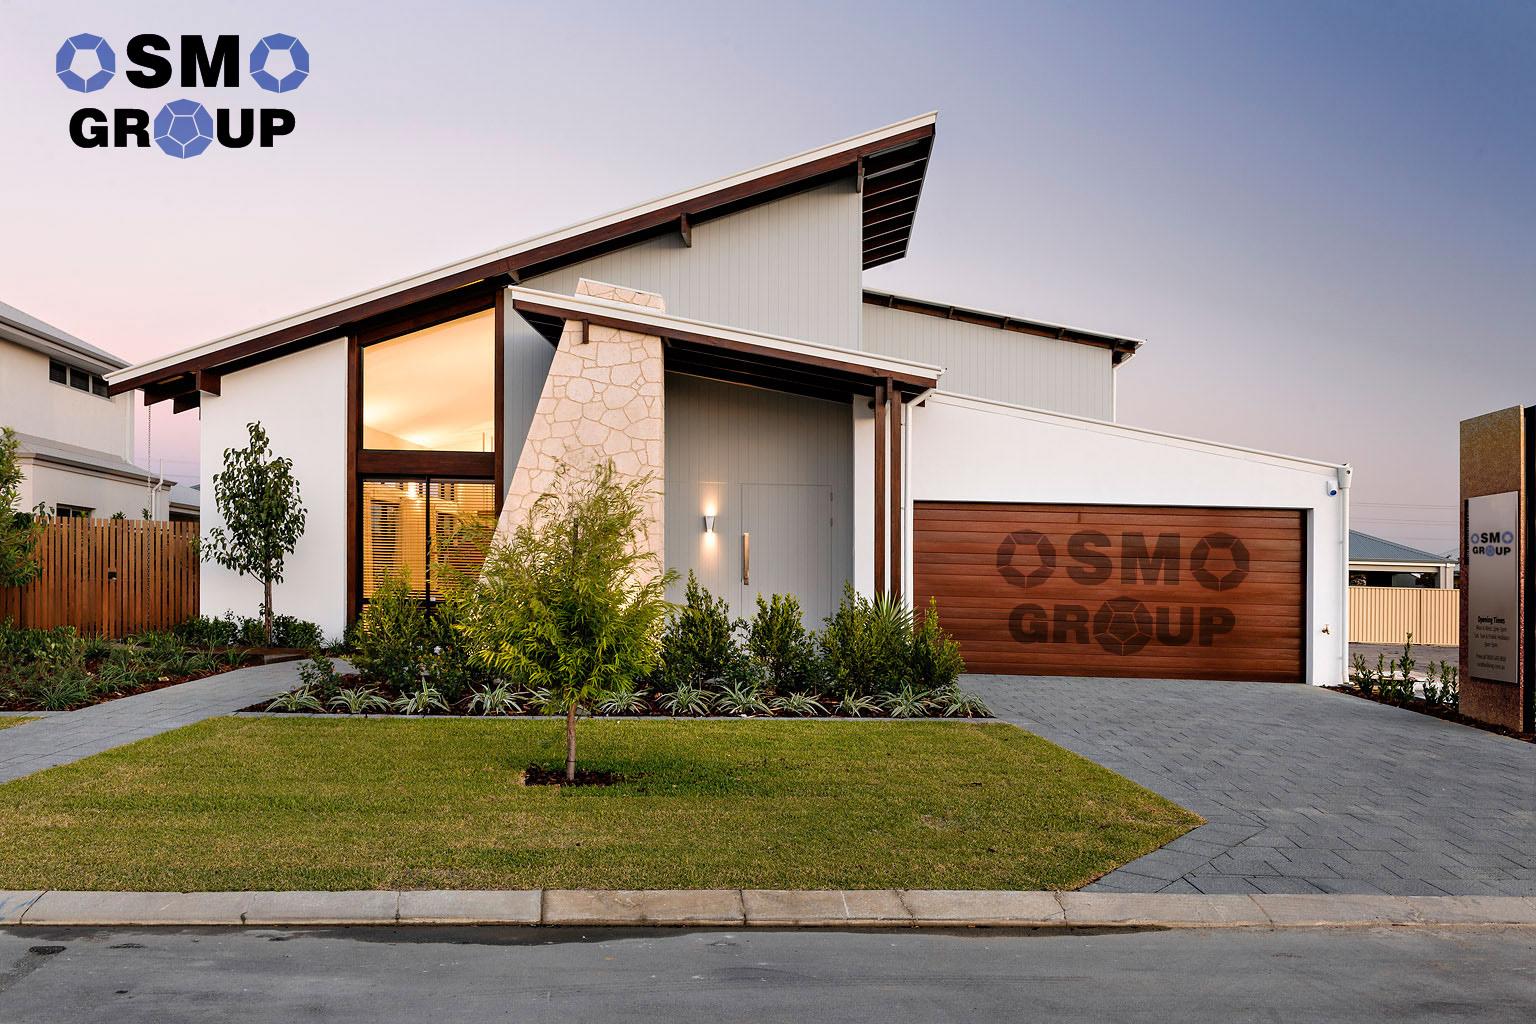 Создание логотипа для строительной компании OSMO group  фото f_92859b4044bef2d2.jpg